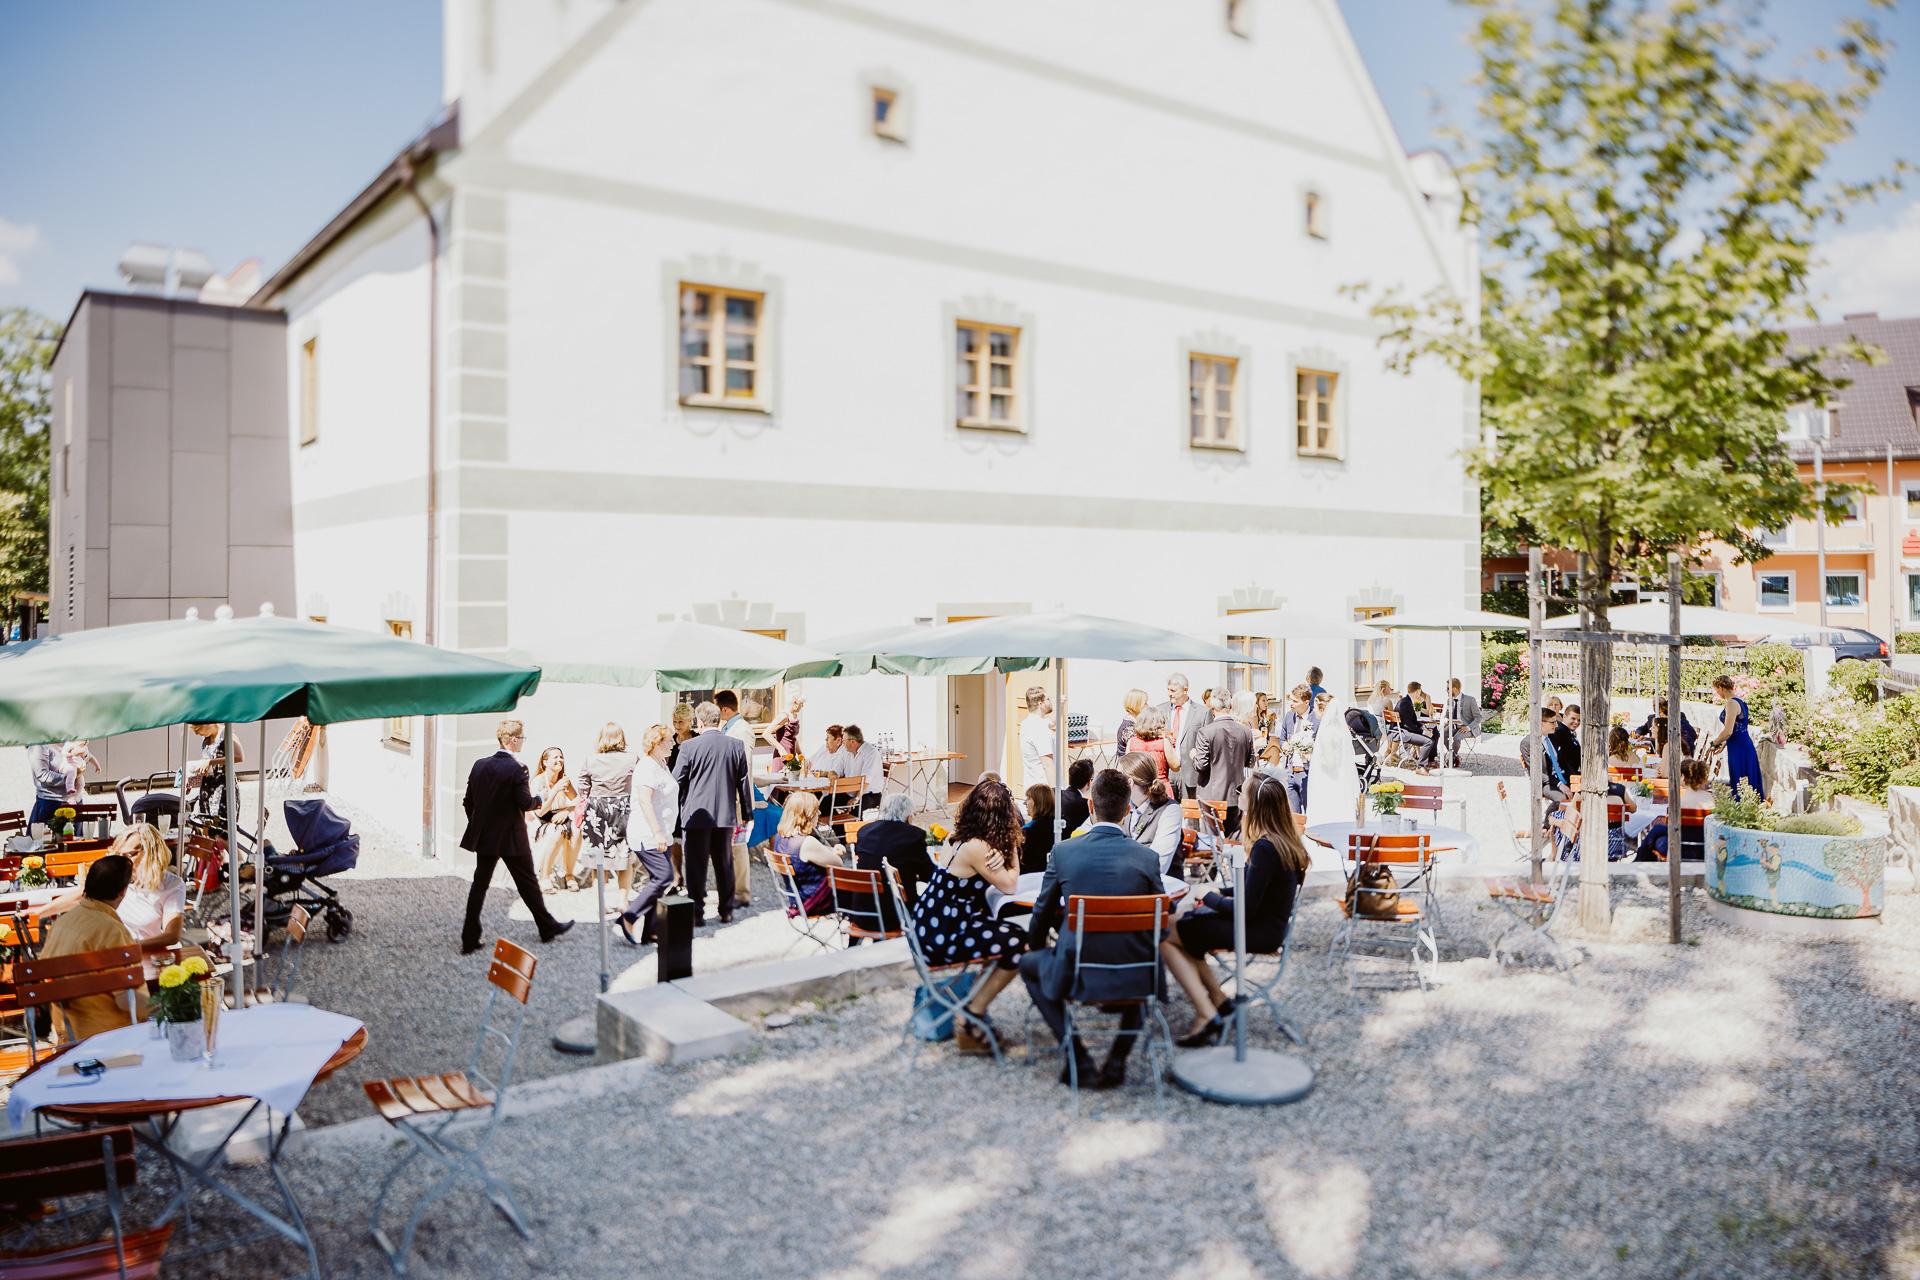 Alexander Utz, Fotografie, Hochzeit, Augsburg, Brautkleid, Brautstrauss-68